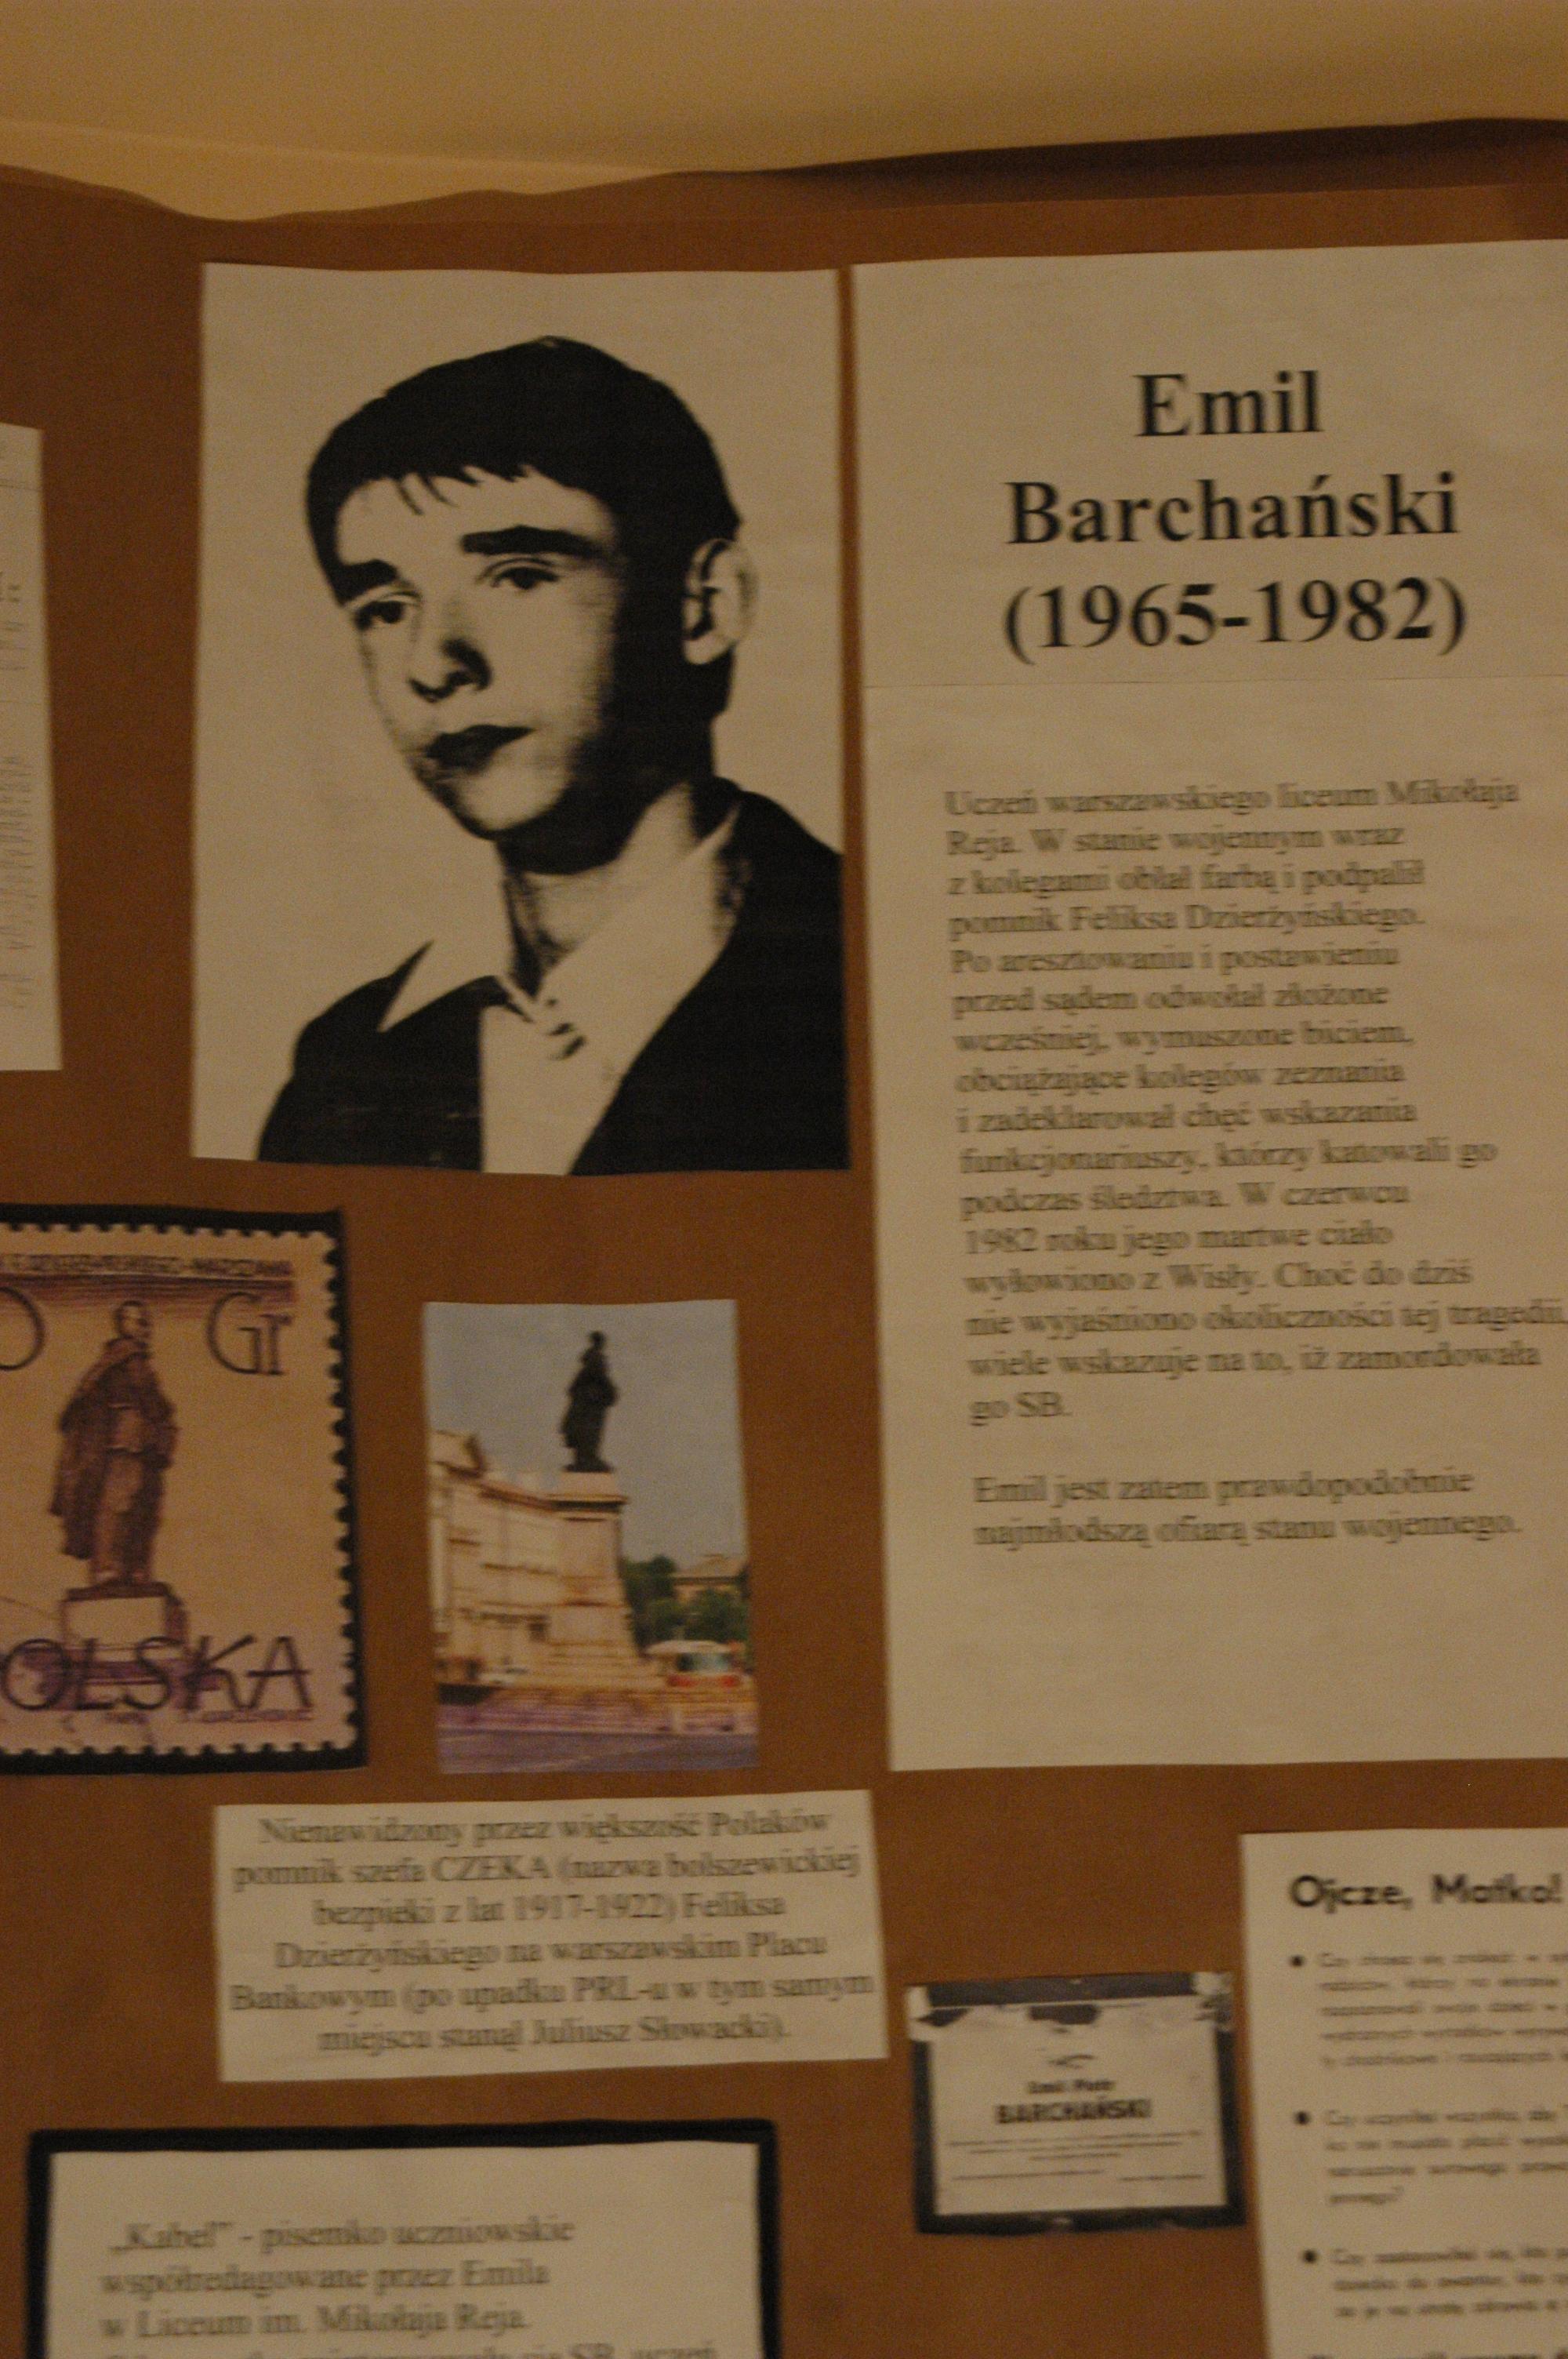 Ekspozycja poświęcona Emilowi Barchańskiemu - prawdopodobnie najmłodszej (17 lat) ofierze SB w stanie wojennym.